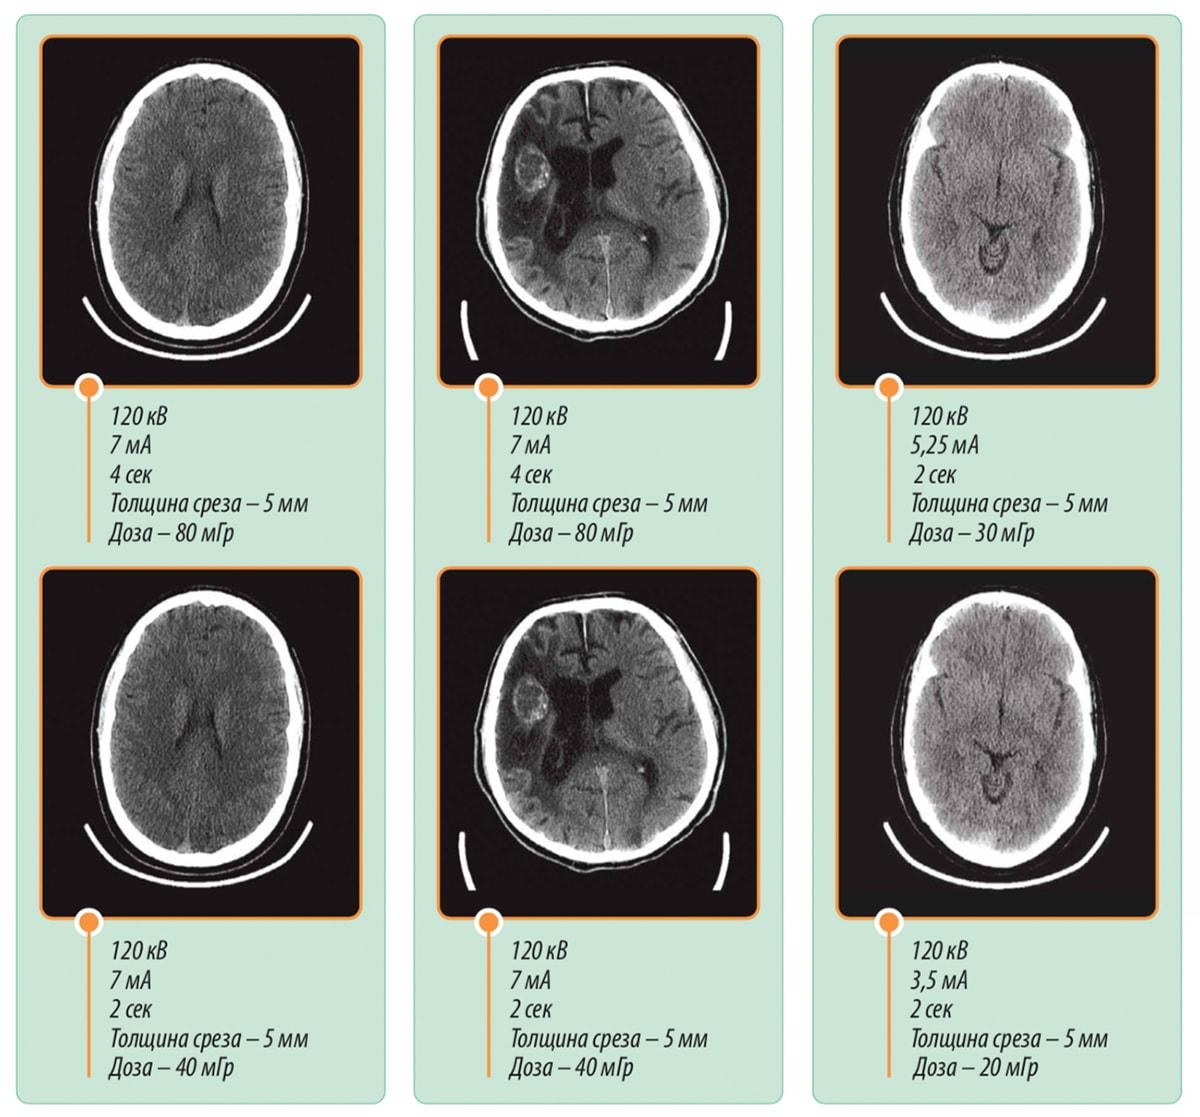 Снимки головного мозга на МРТ BodyTom